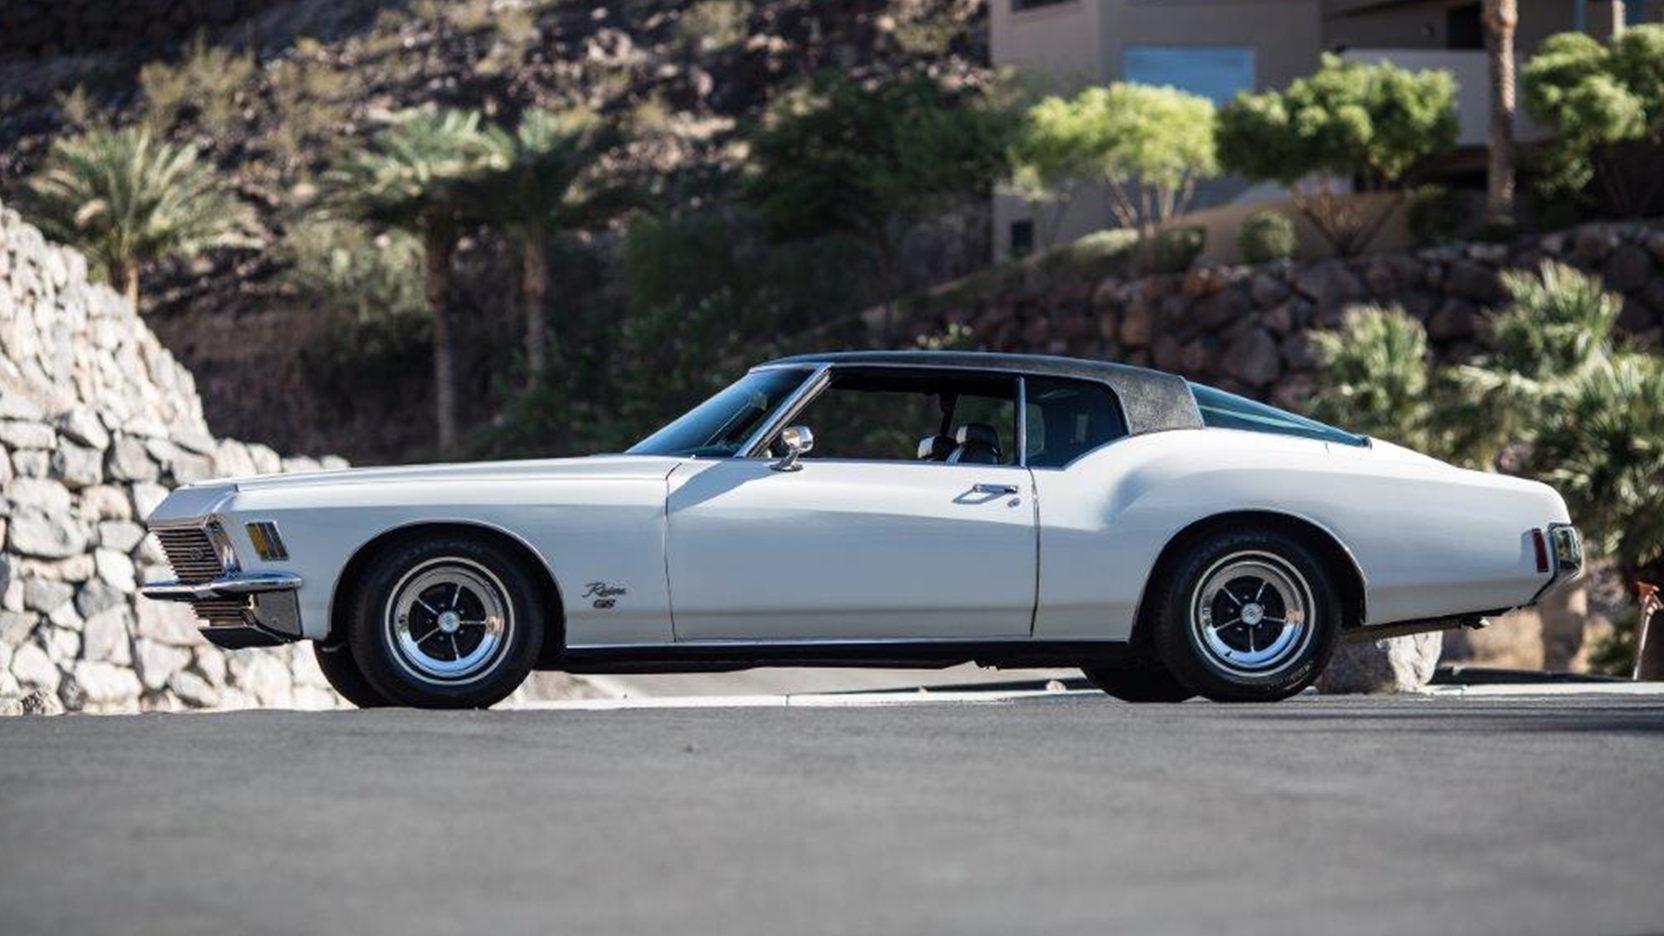 1971 Buick Riviera side profile